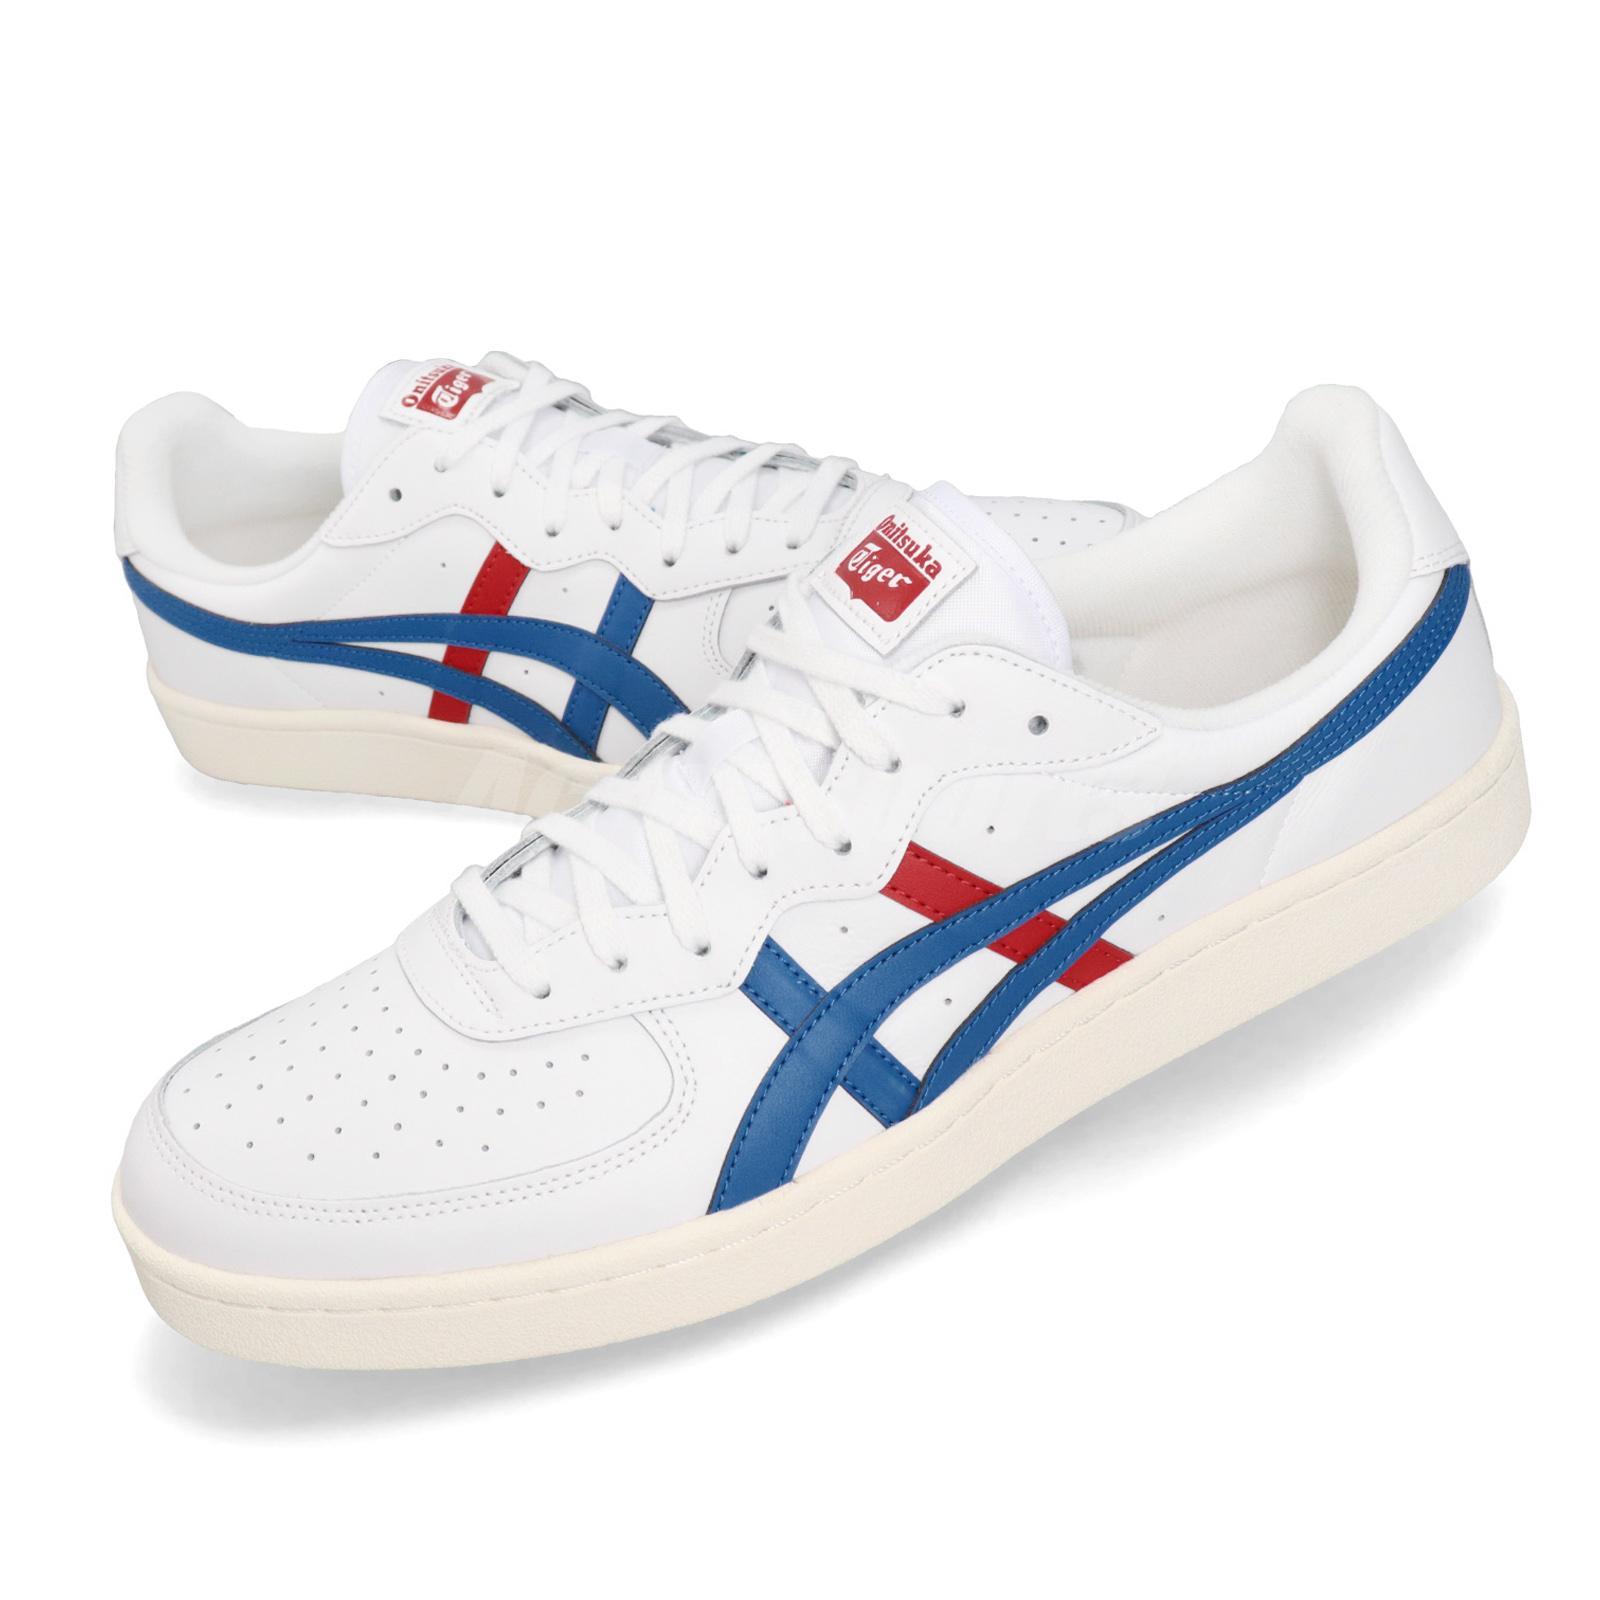 Red Men Women Unisex Shoes 1183A651-105